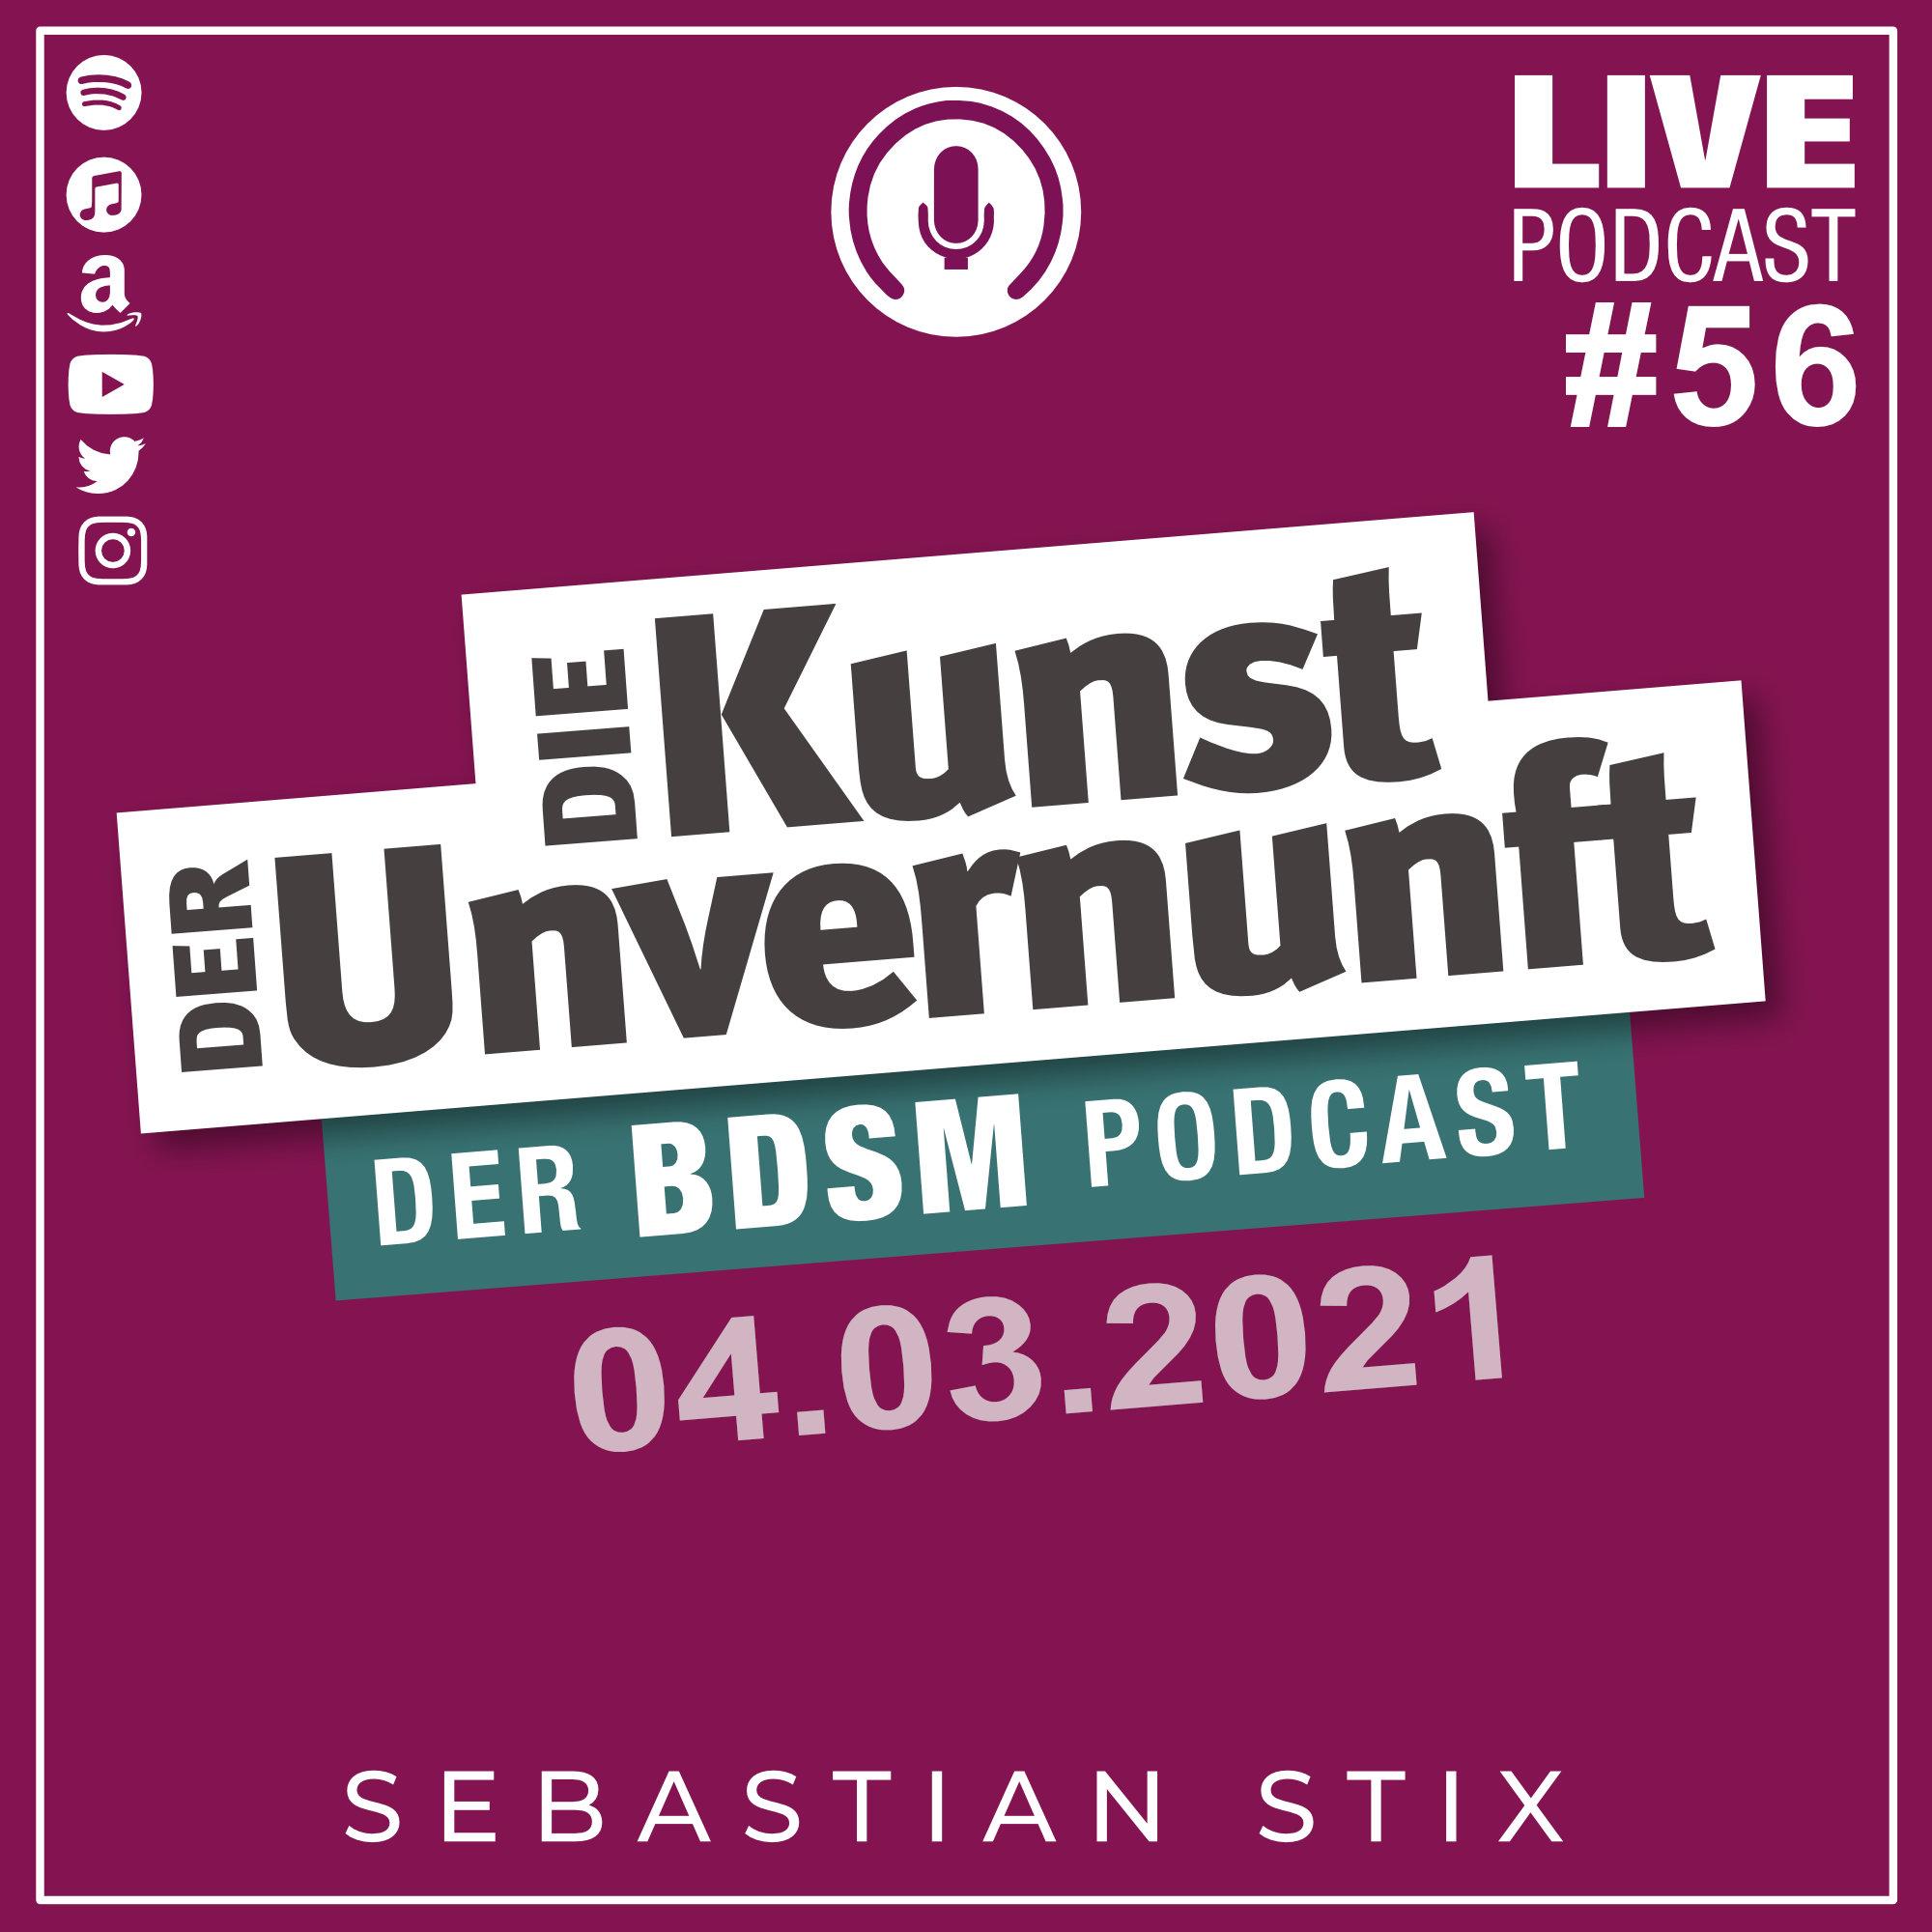 Unvernunft Live 04.03.2021 - Kai's Chronik